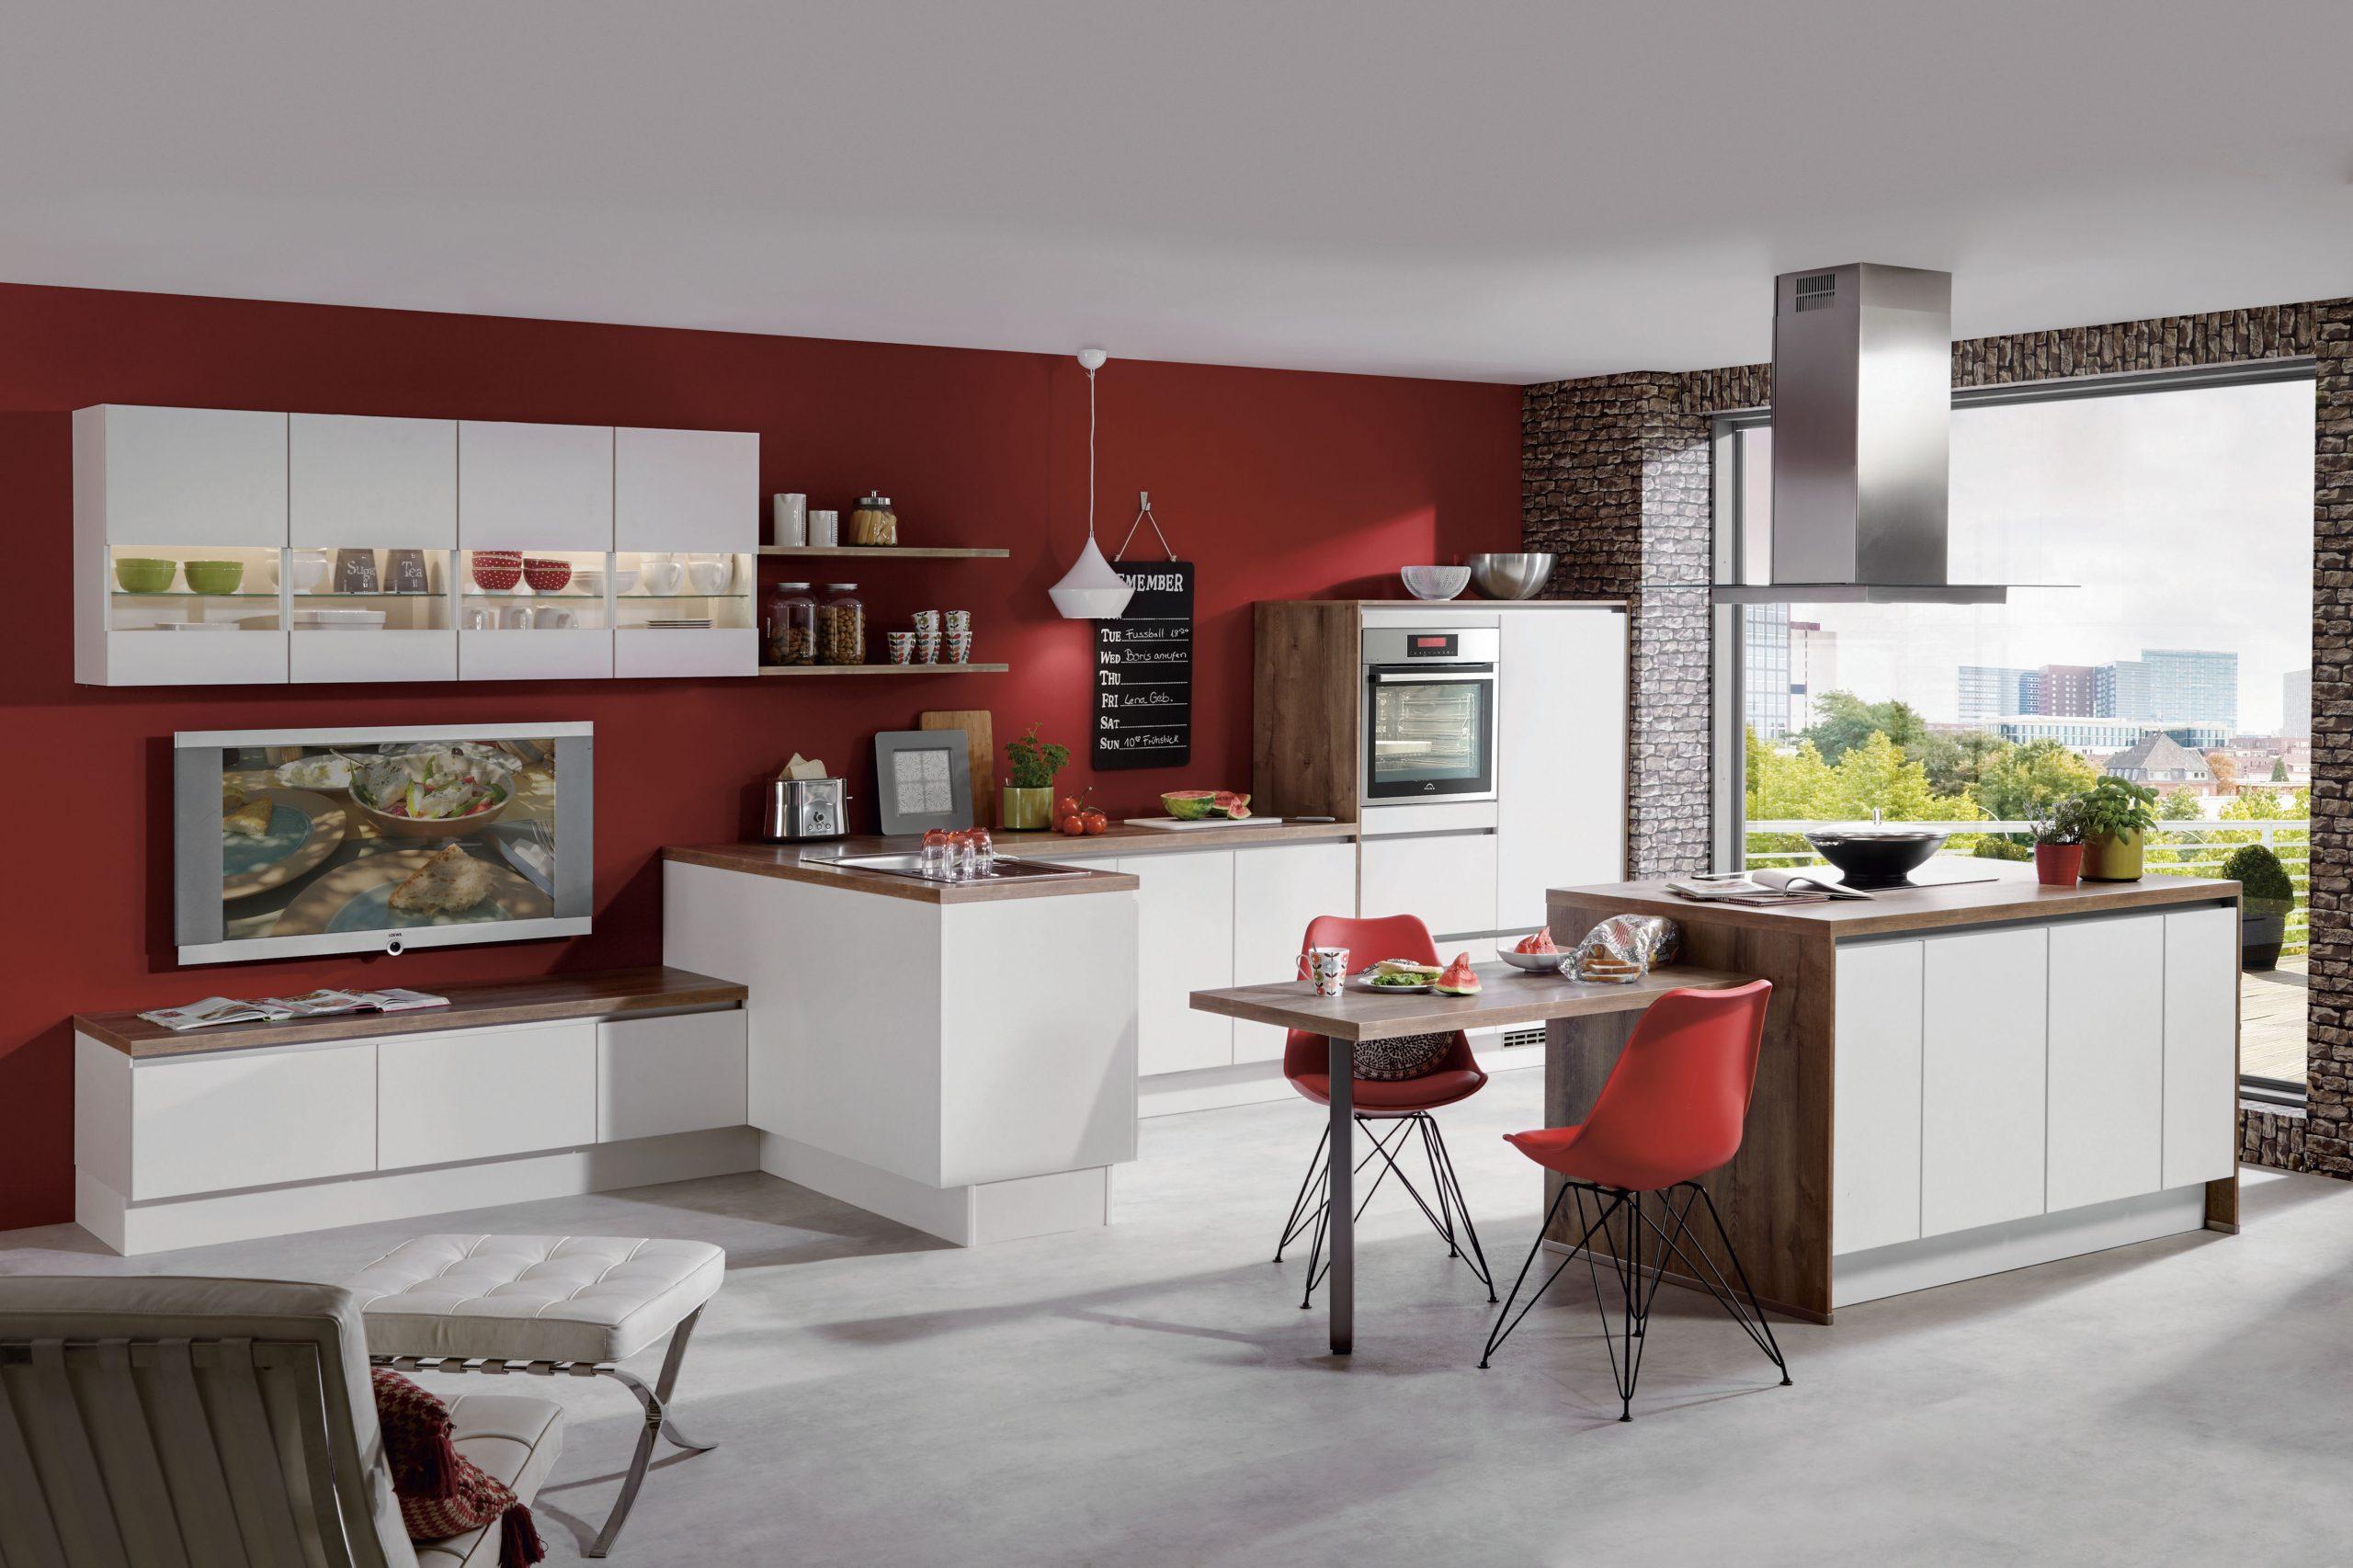 Full Size of Küche Einrichten Ikea Küche Einrichten Inspiration Küche Einrichten Ideen Kleines Wohnzimmer Mit Offener Küche Einrichten Küche Küche Einrichten